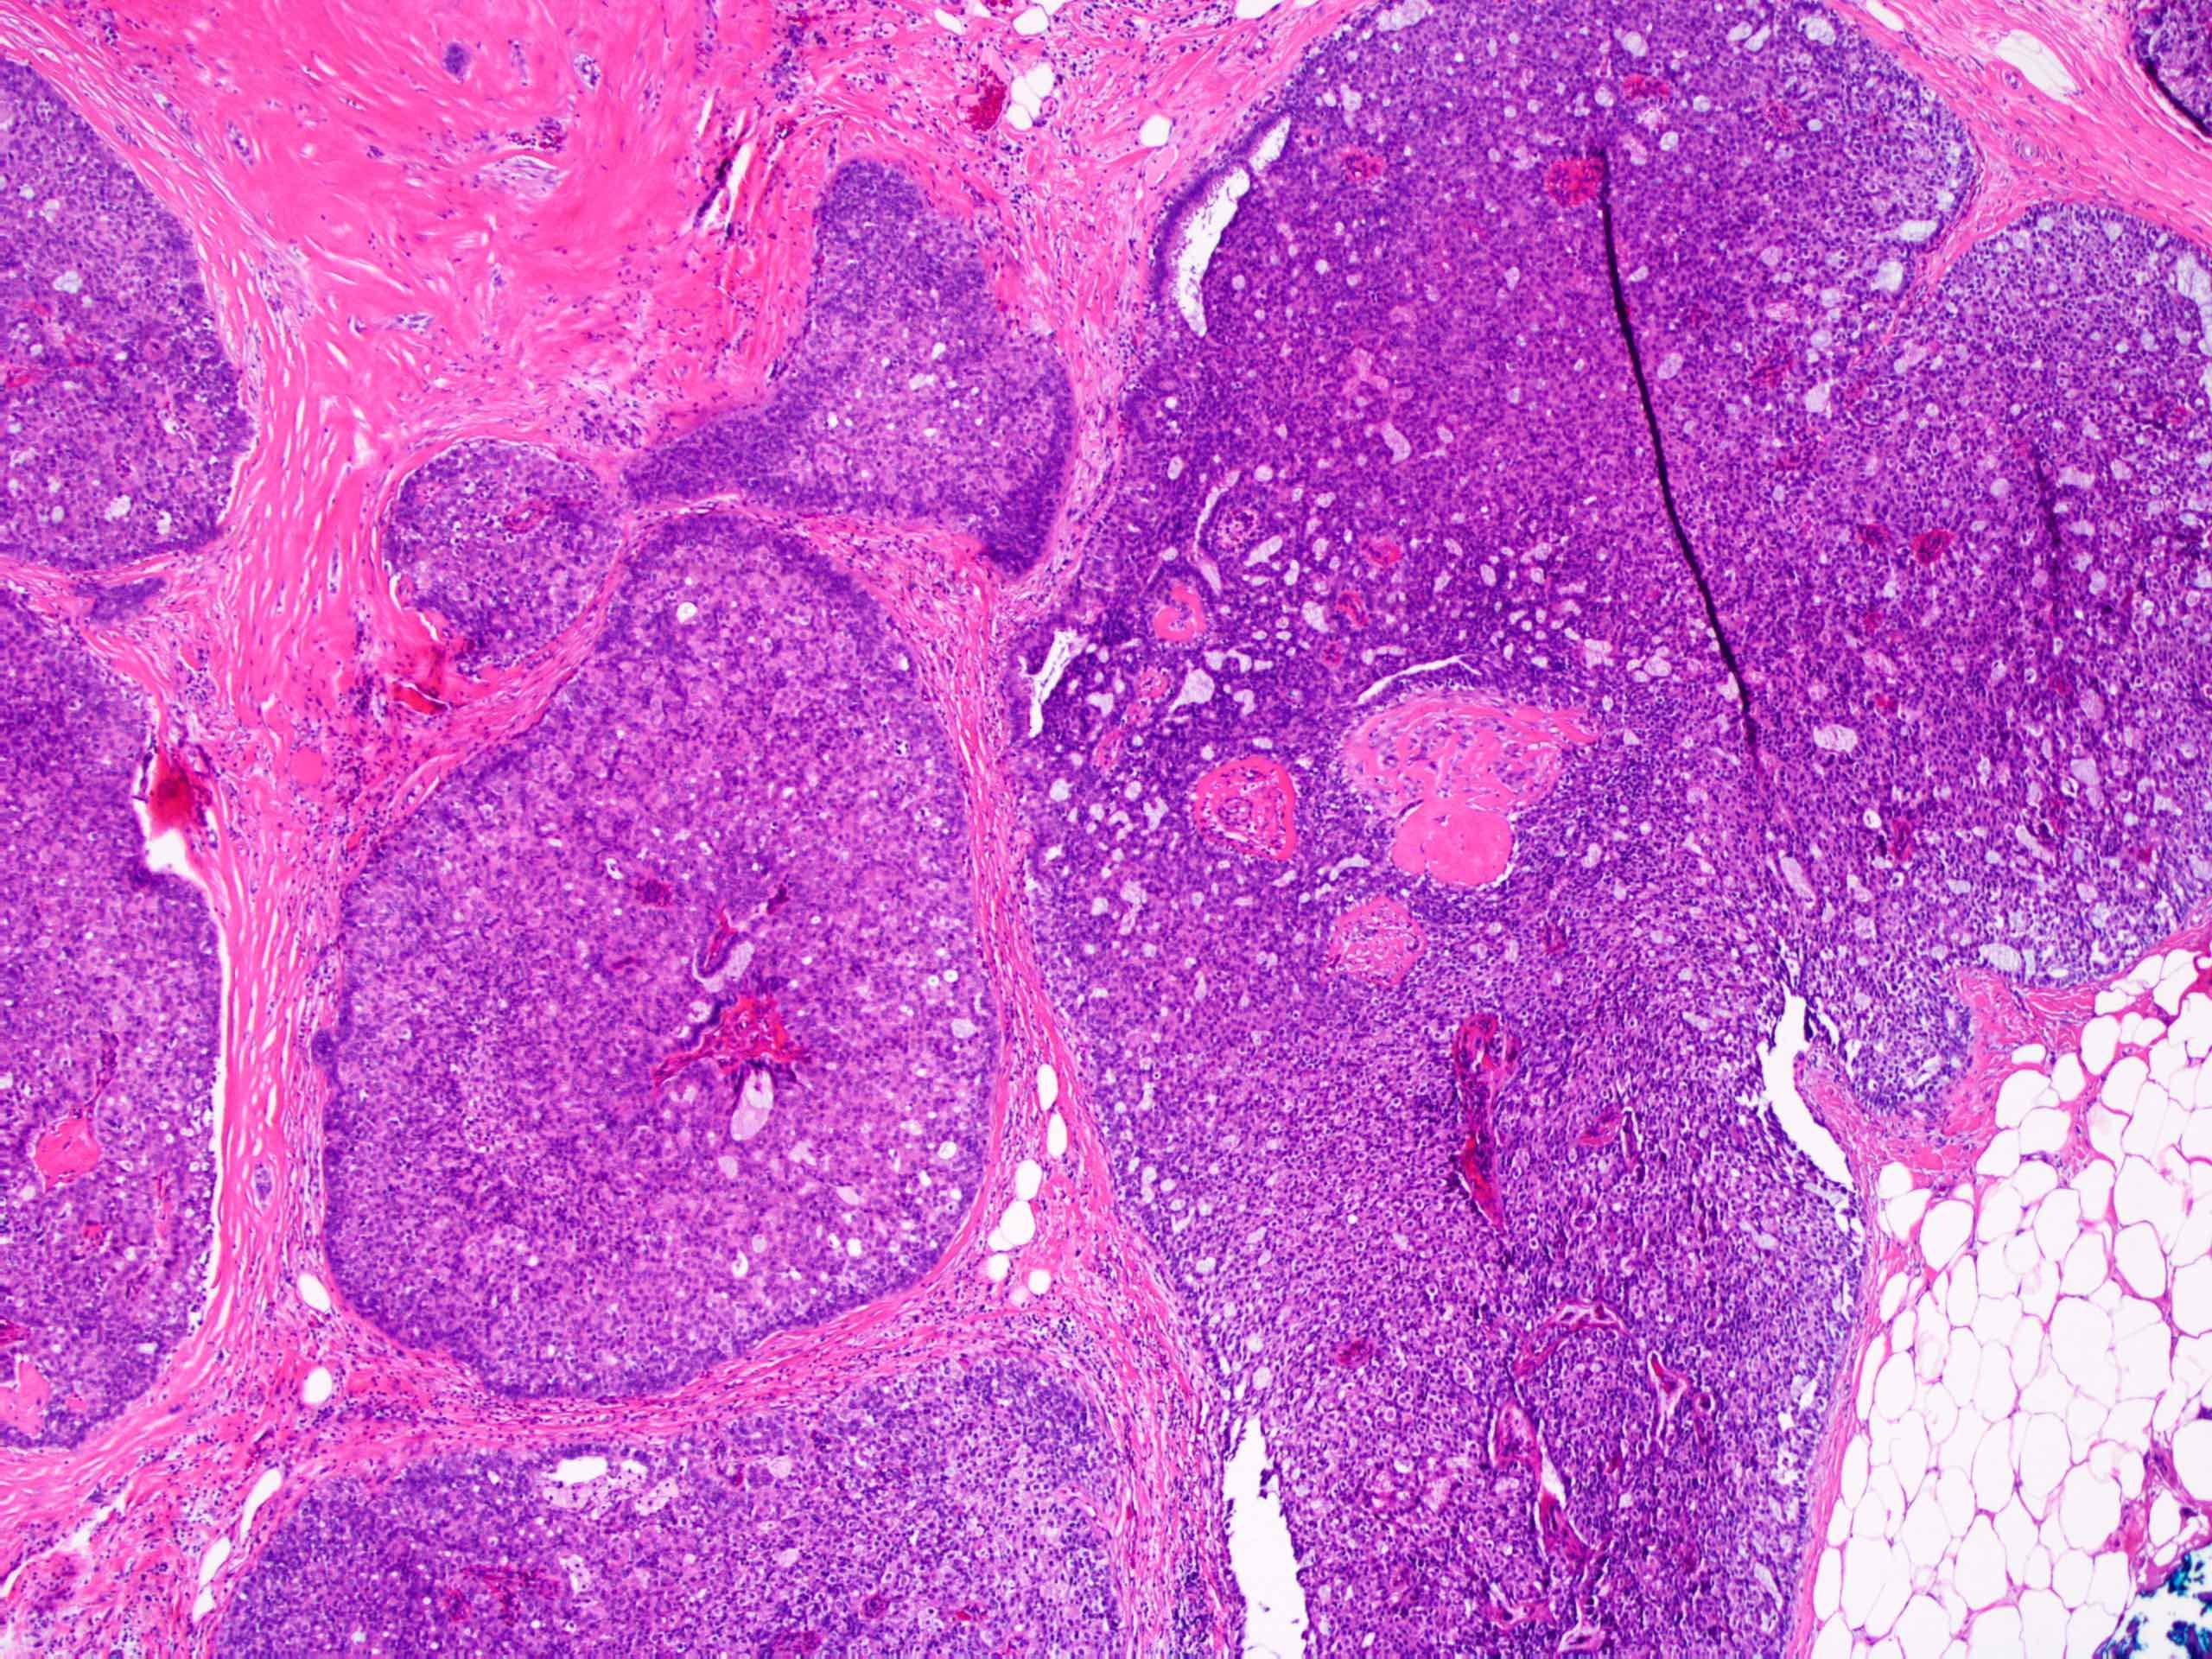 atipikus ductalis hyperplasia és papilloma papillómák miből és hogyan kell kezelni